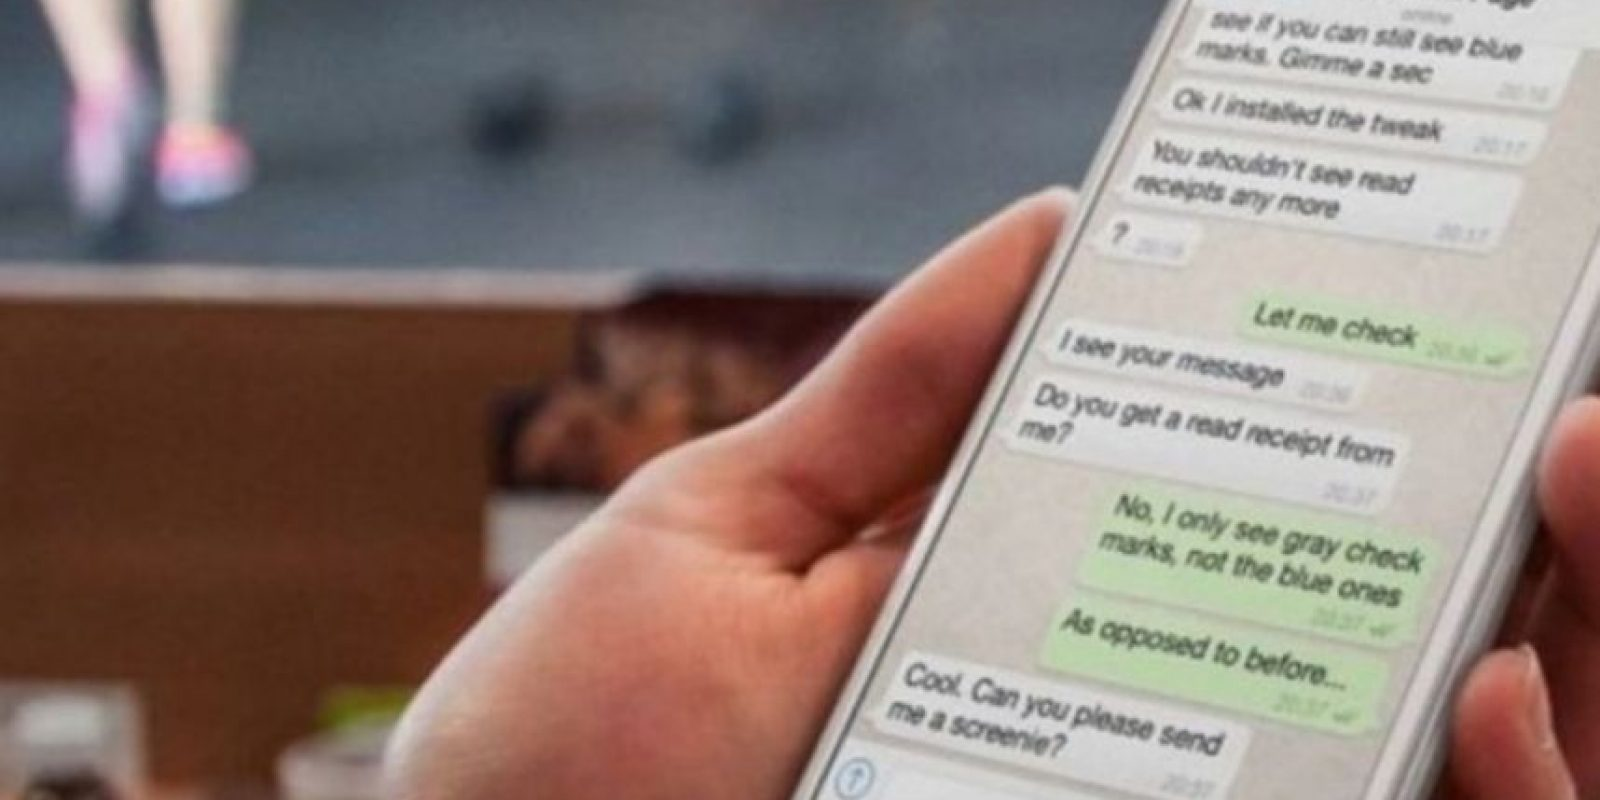 La nueva actualización de WhatsApp también permite escribir en negritas, cursiva y tachar texto. Foto:Tumblr